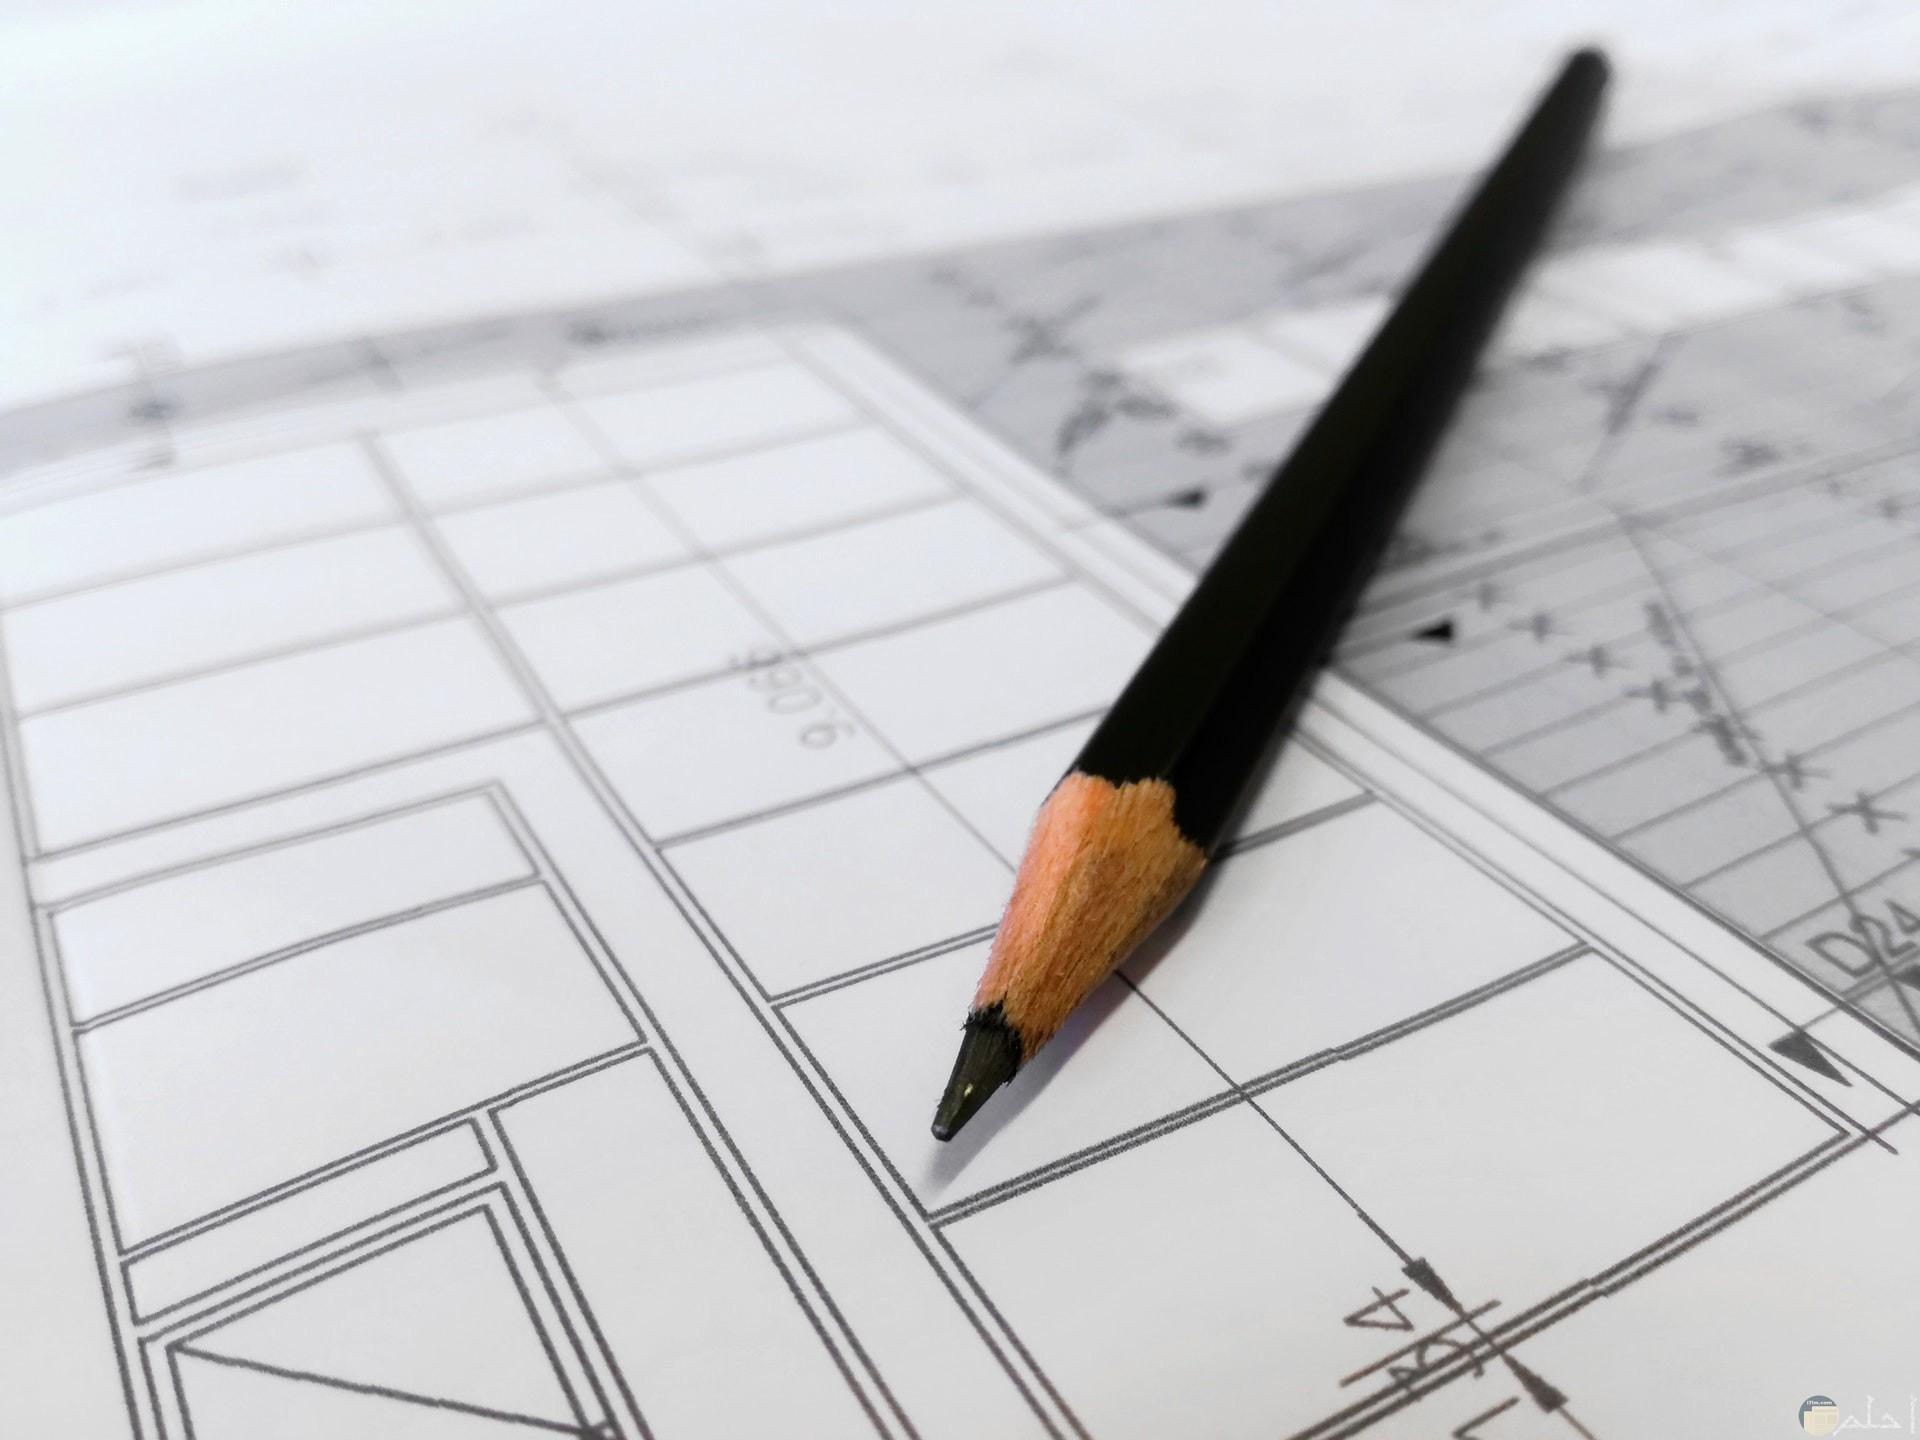 صورة لرسمة هندسية علي الورق فوقها قلم رصاص